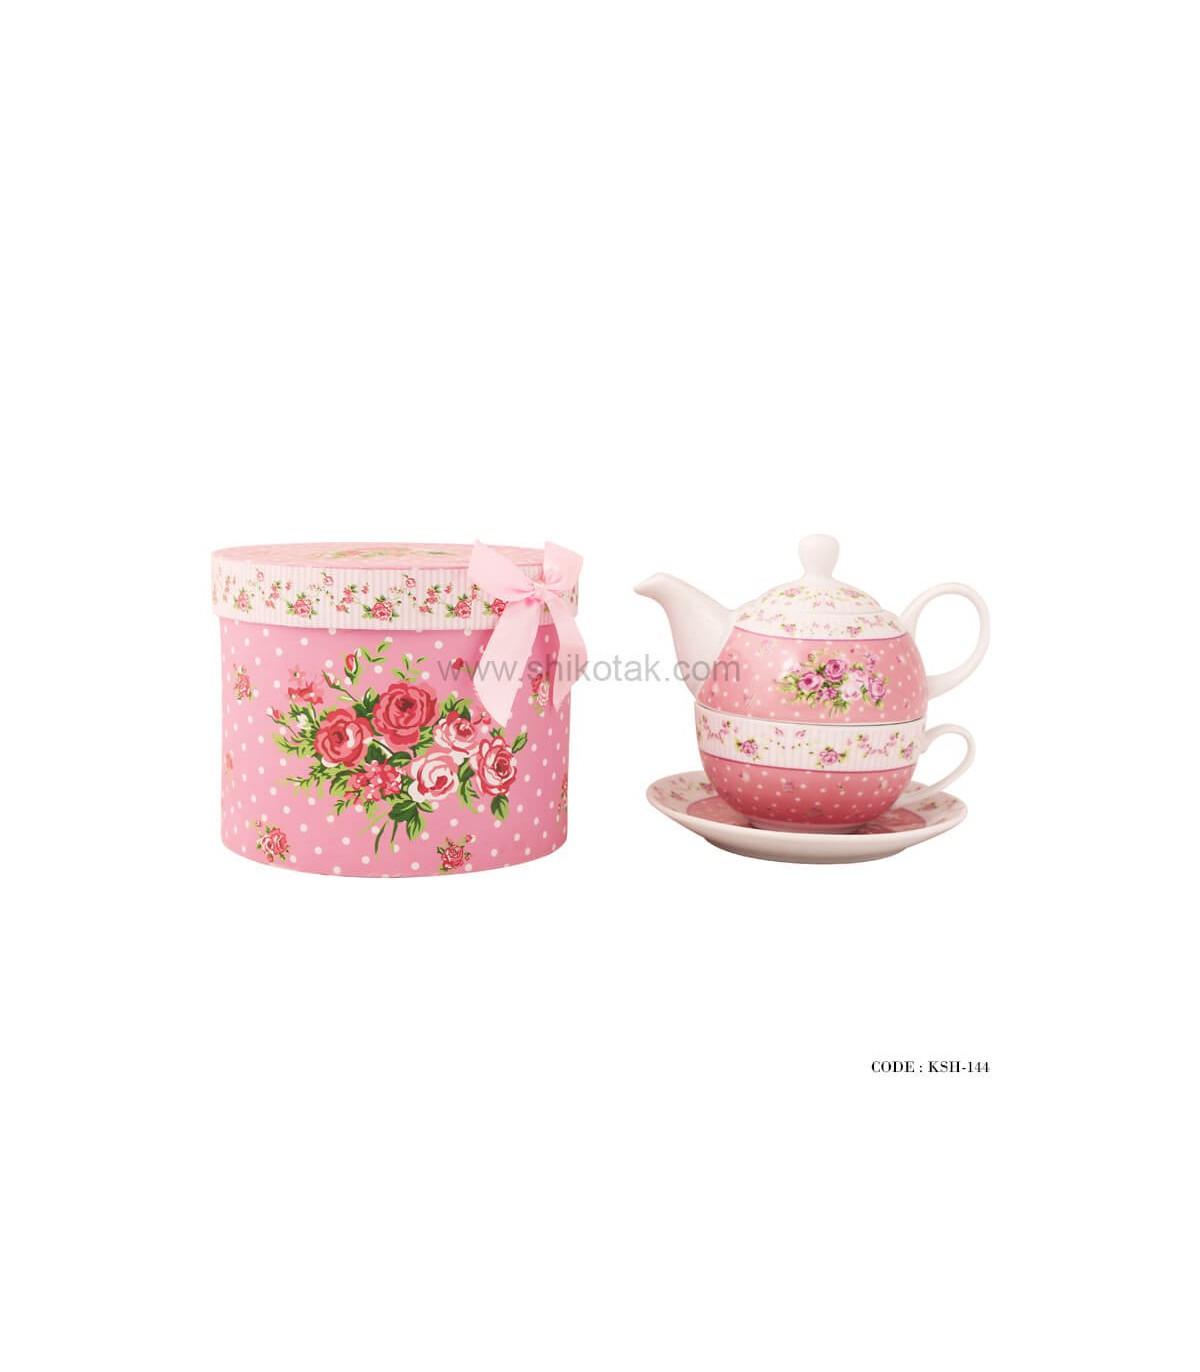 چای خوری یک نفره فانتزی